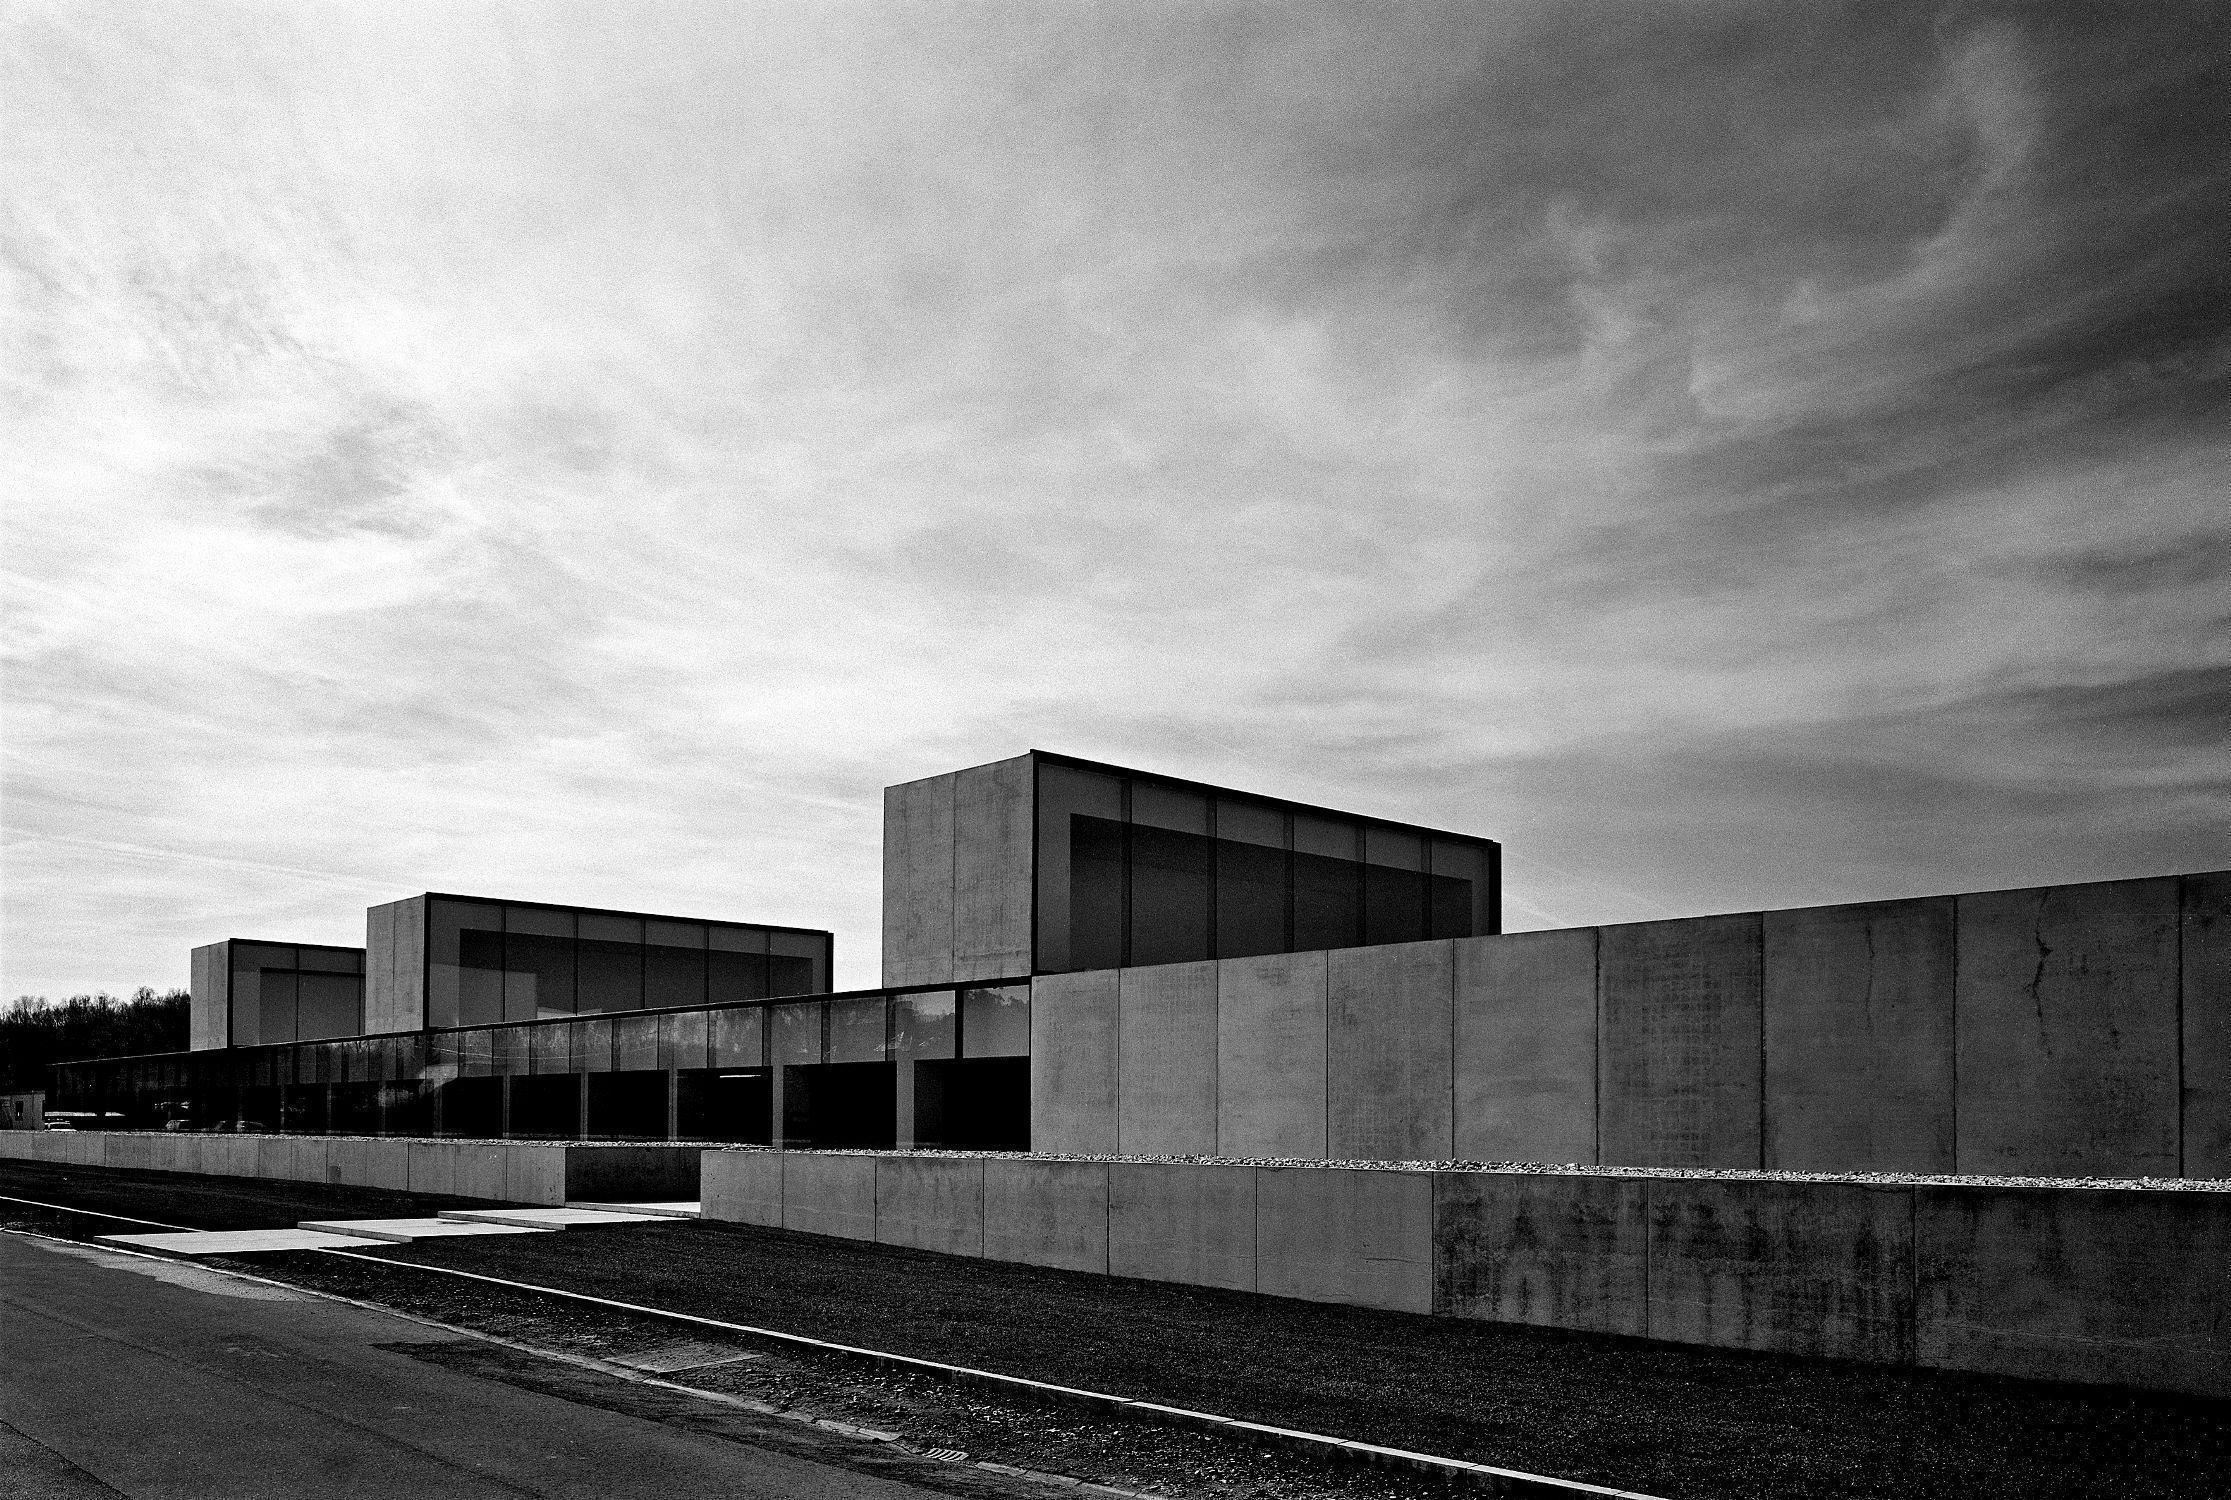 Vierjaarlijkse Prijs Voor Architectuur En